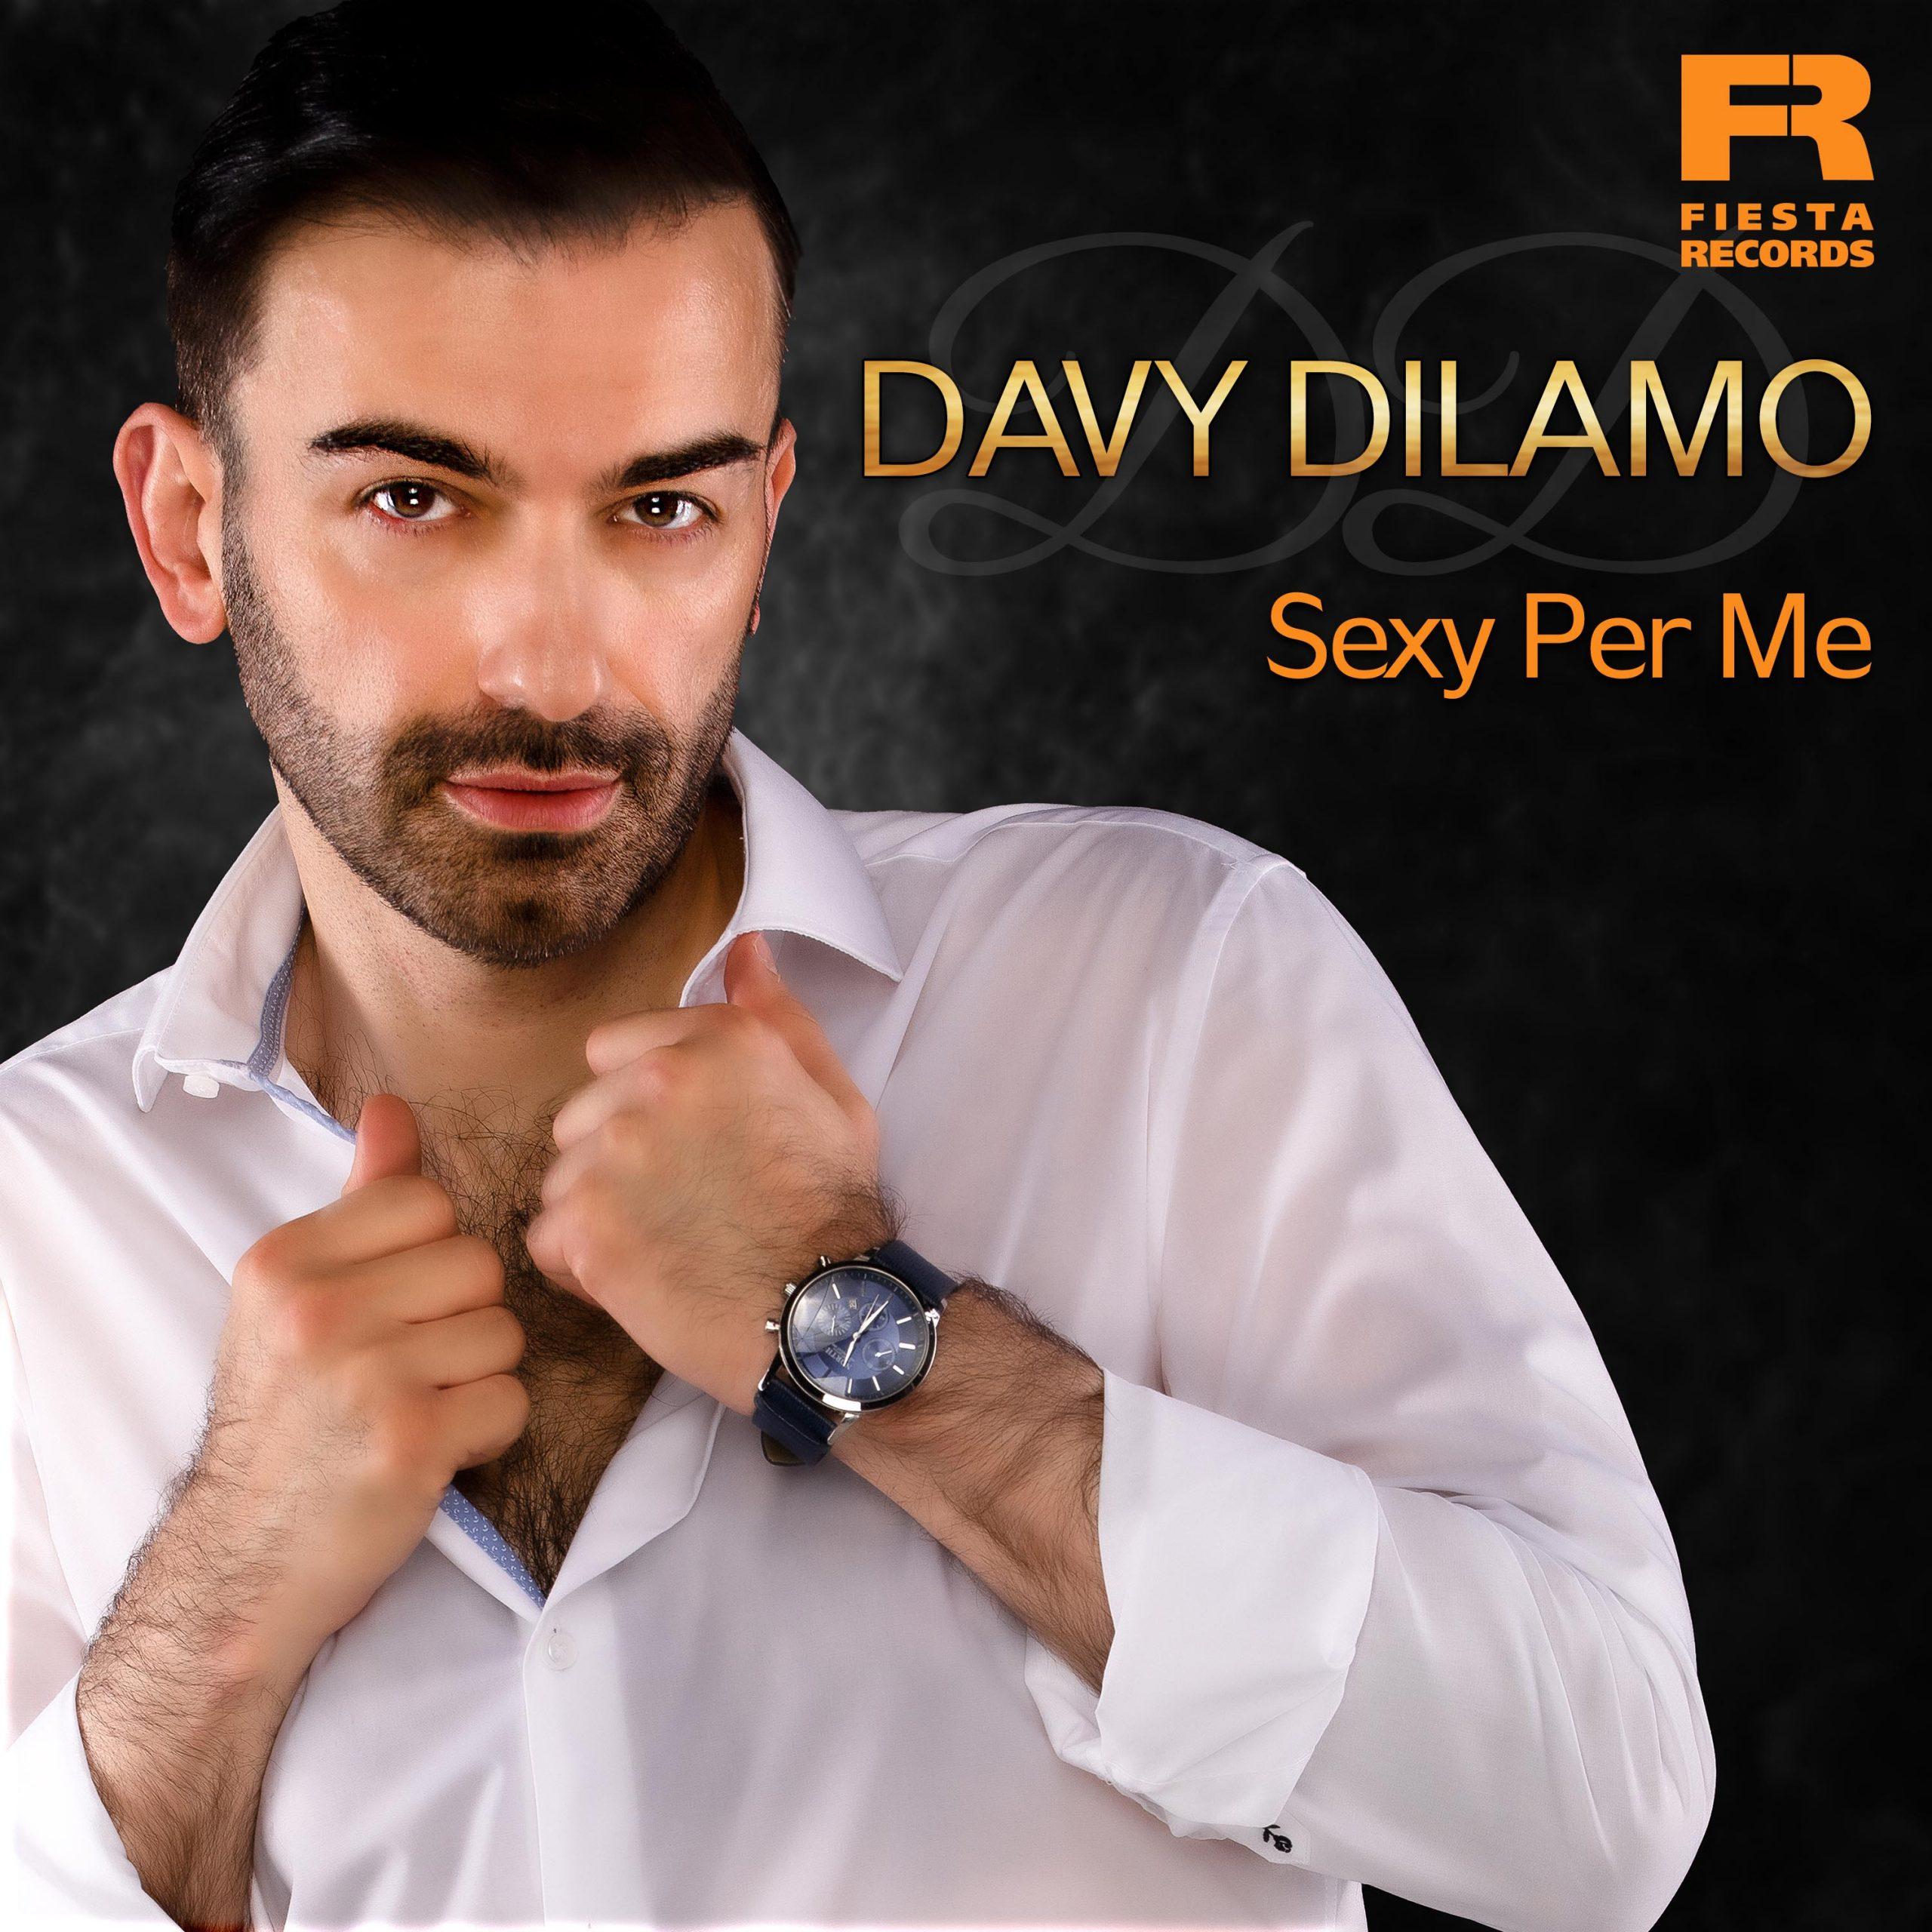 Davy Dilamo - Sexy Per Me